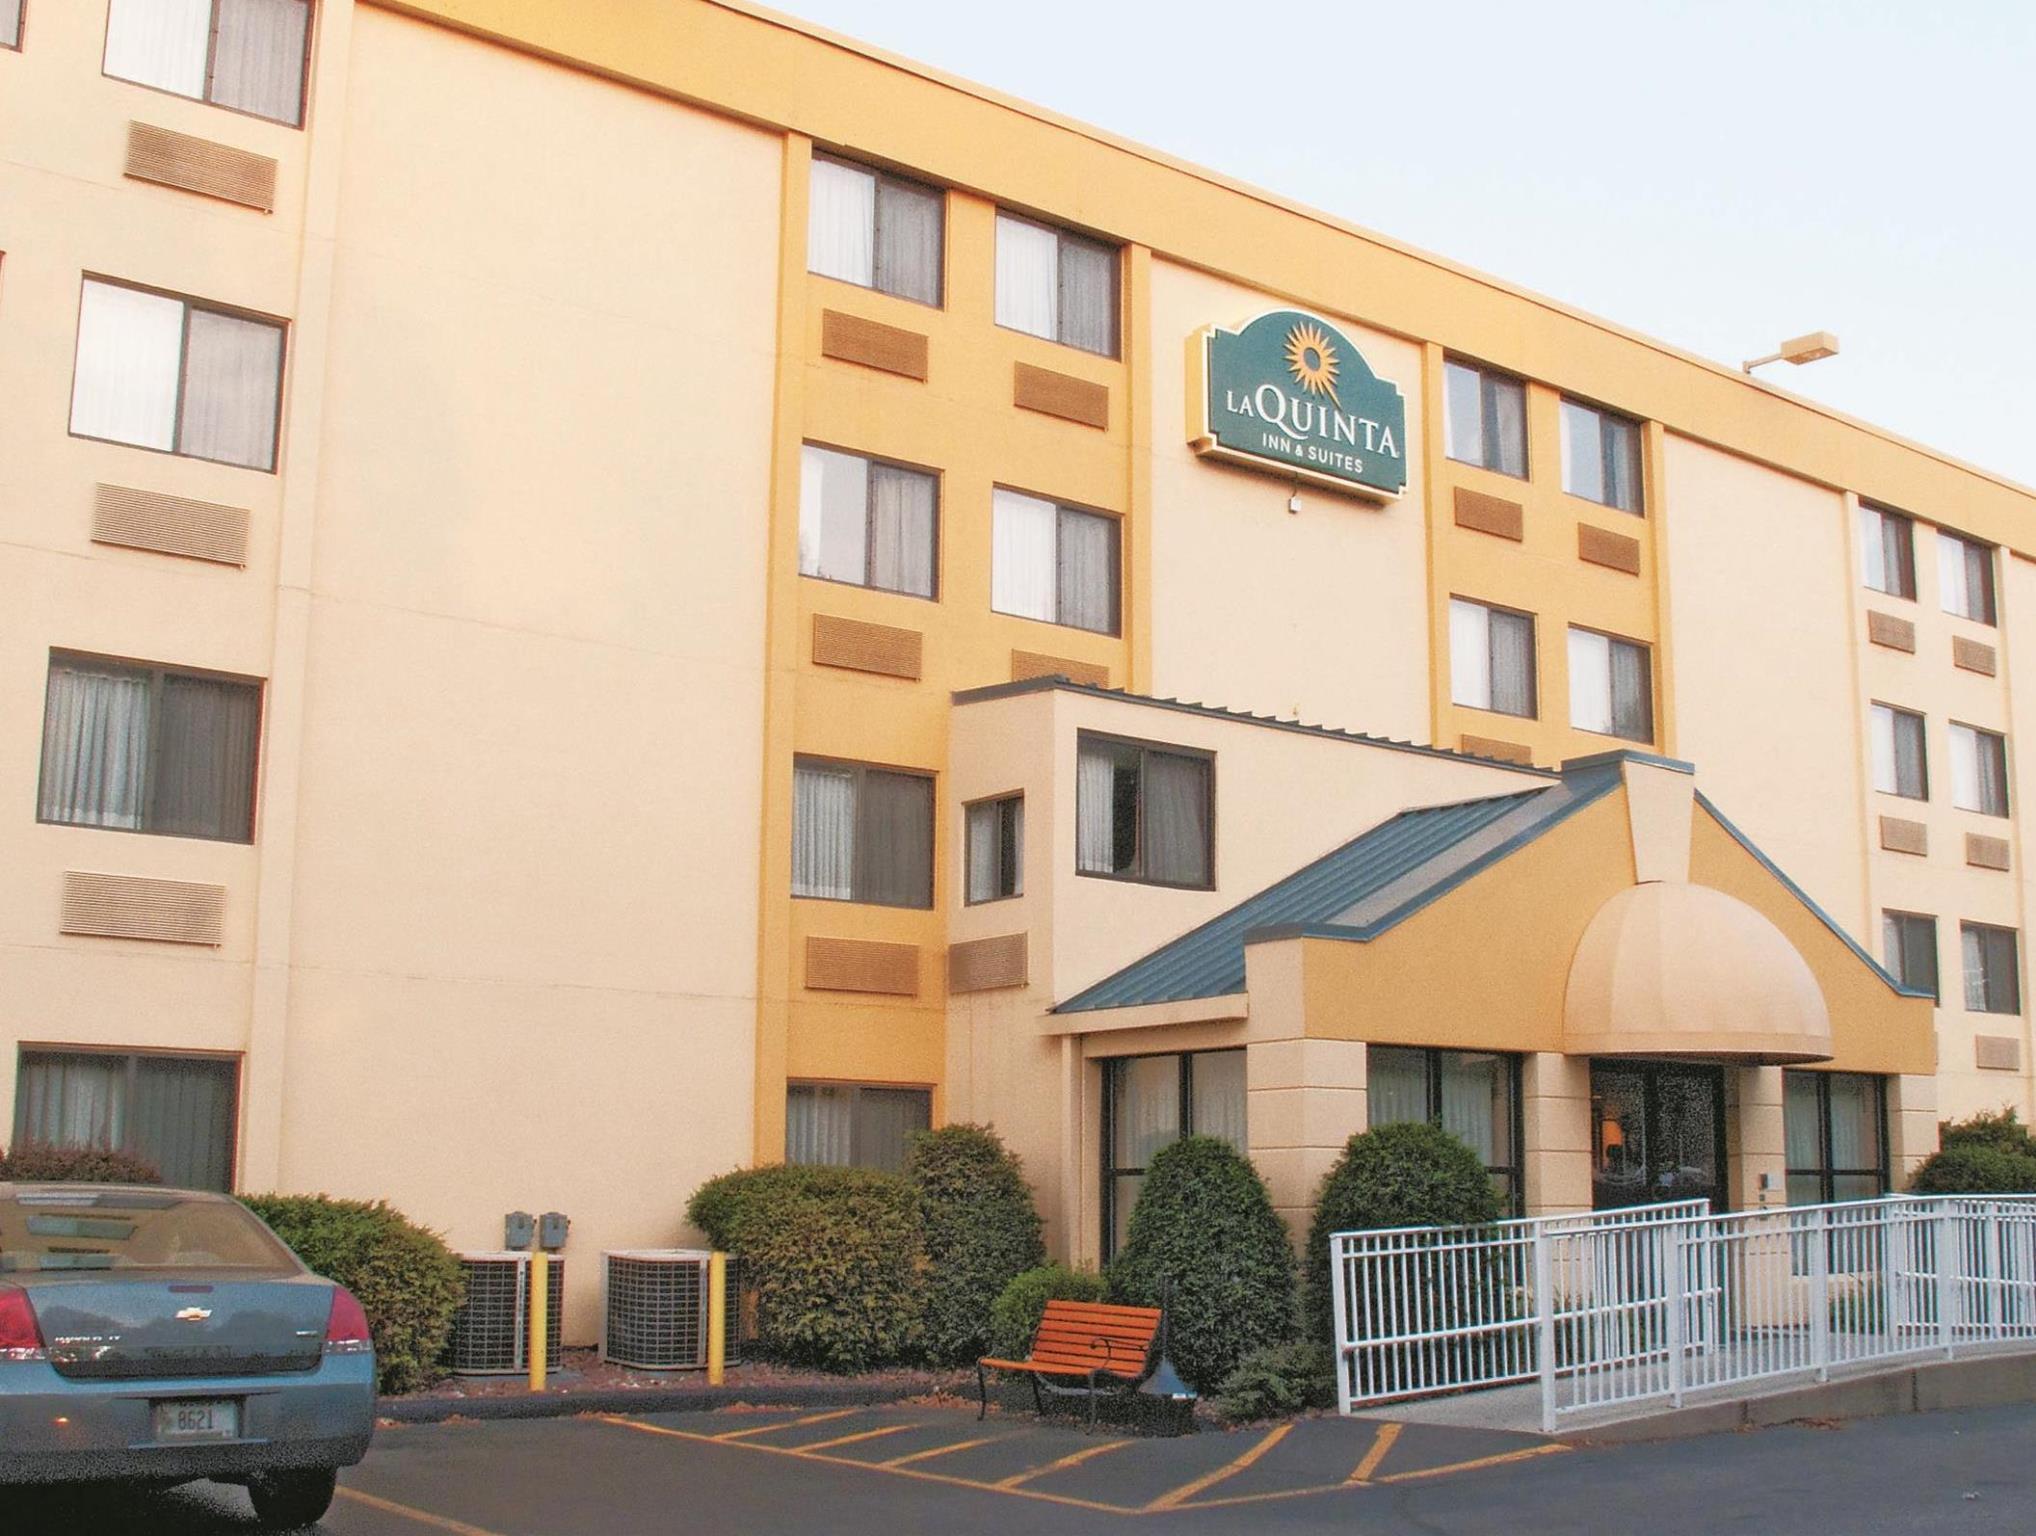 La Quinta Inn And Suites By Wyndham Portland